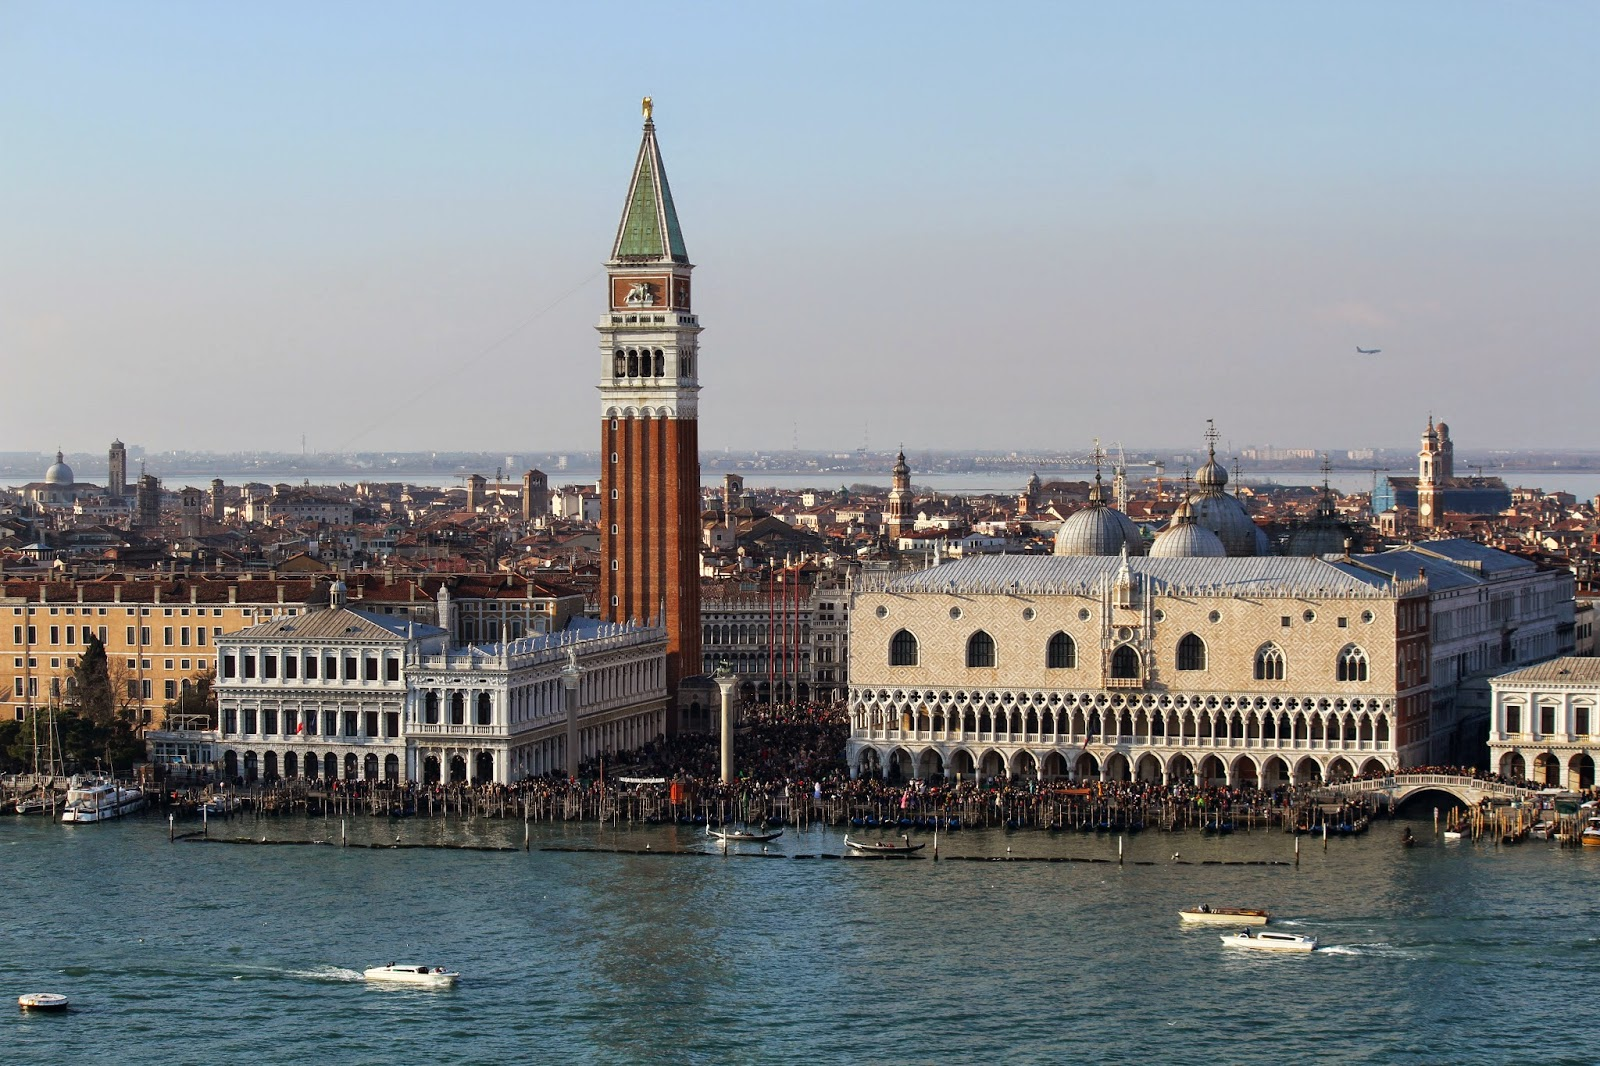 CARNAVAL DE VENEZA - Tudo o que precisa de saber para participar e aproveitar | Itália